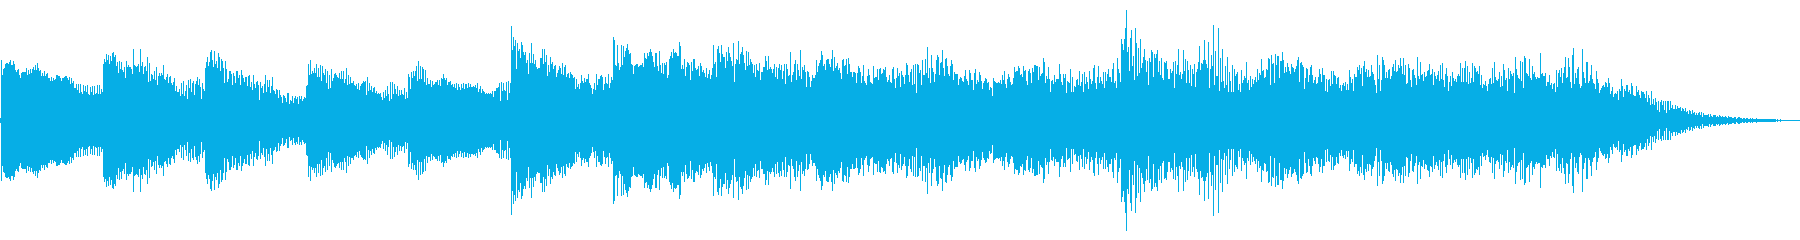 メガソフトエンディング、MUSIC...の再生済みの波形